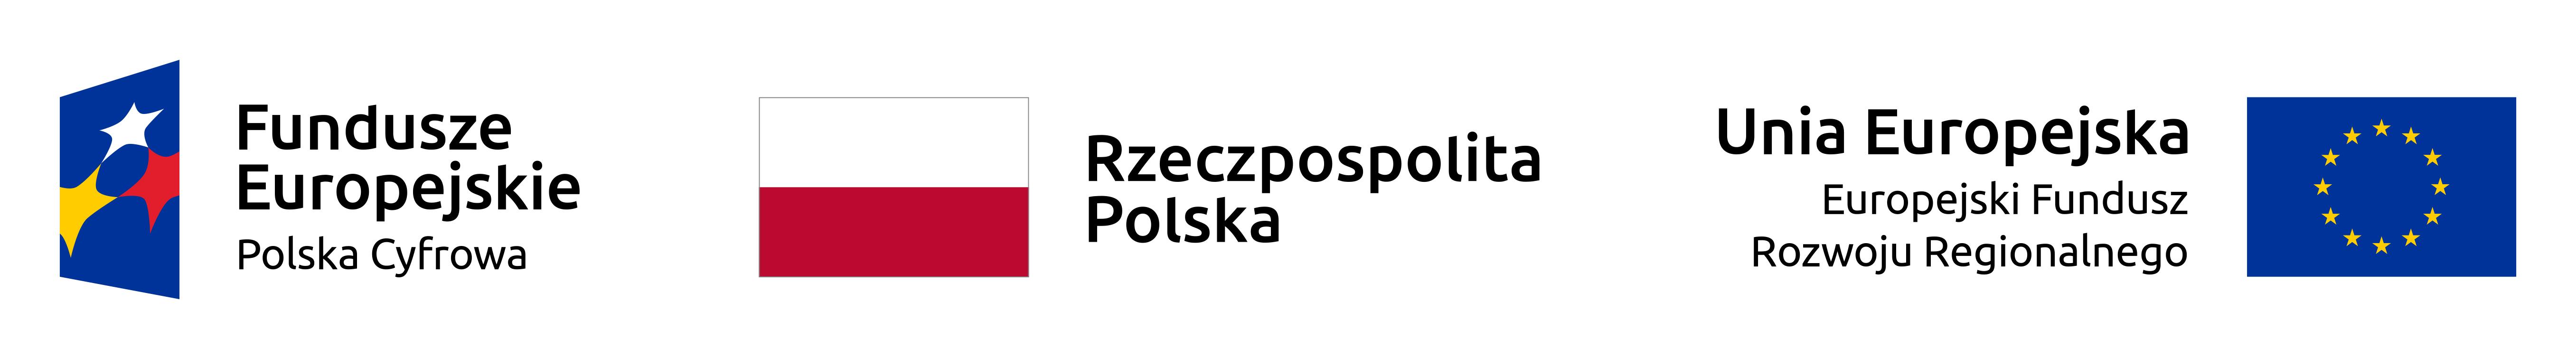 logotypy kolor popc ue fundusze europejskie - Materiały do szkoleń